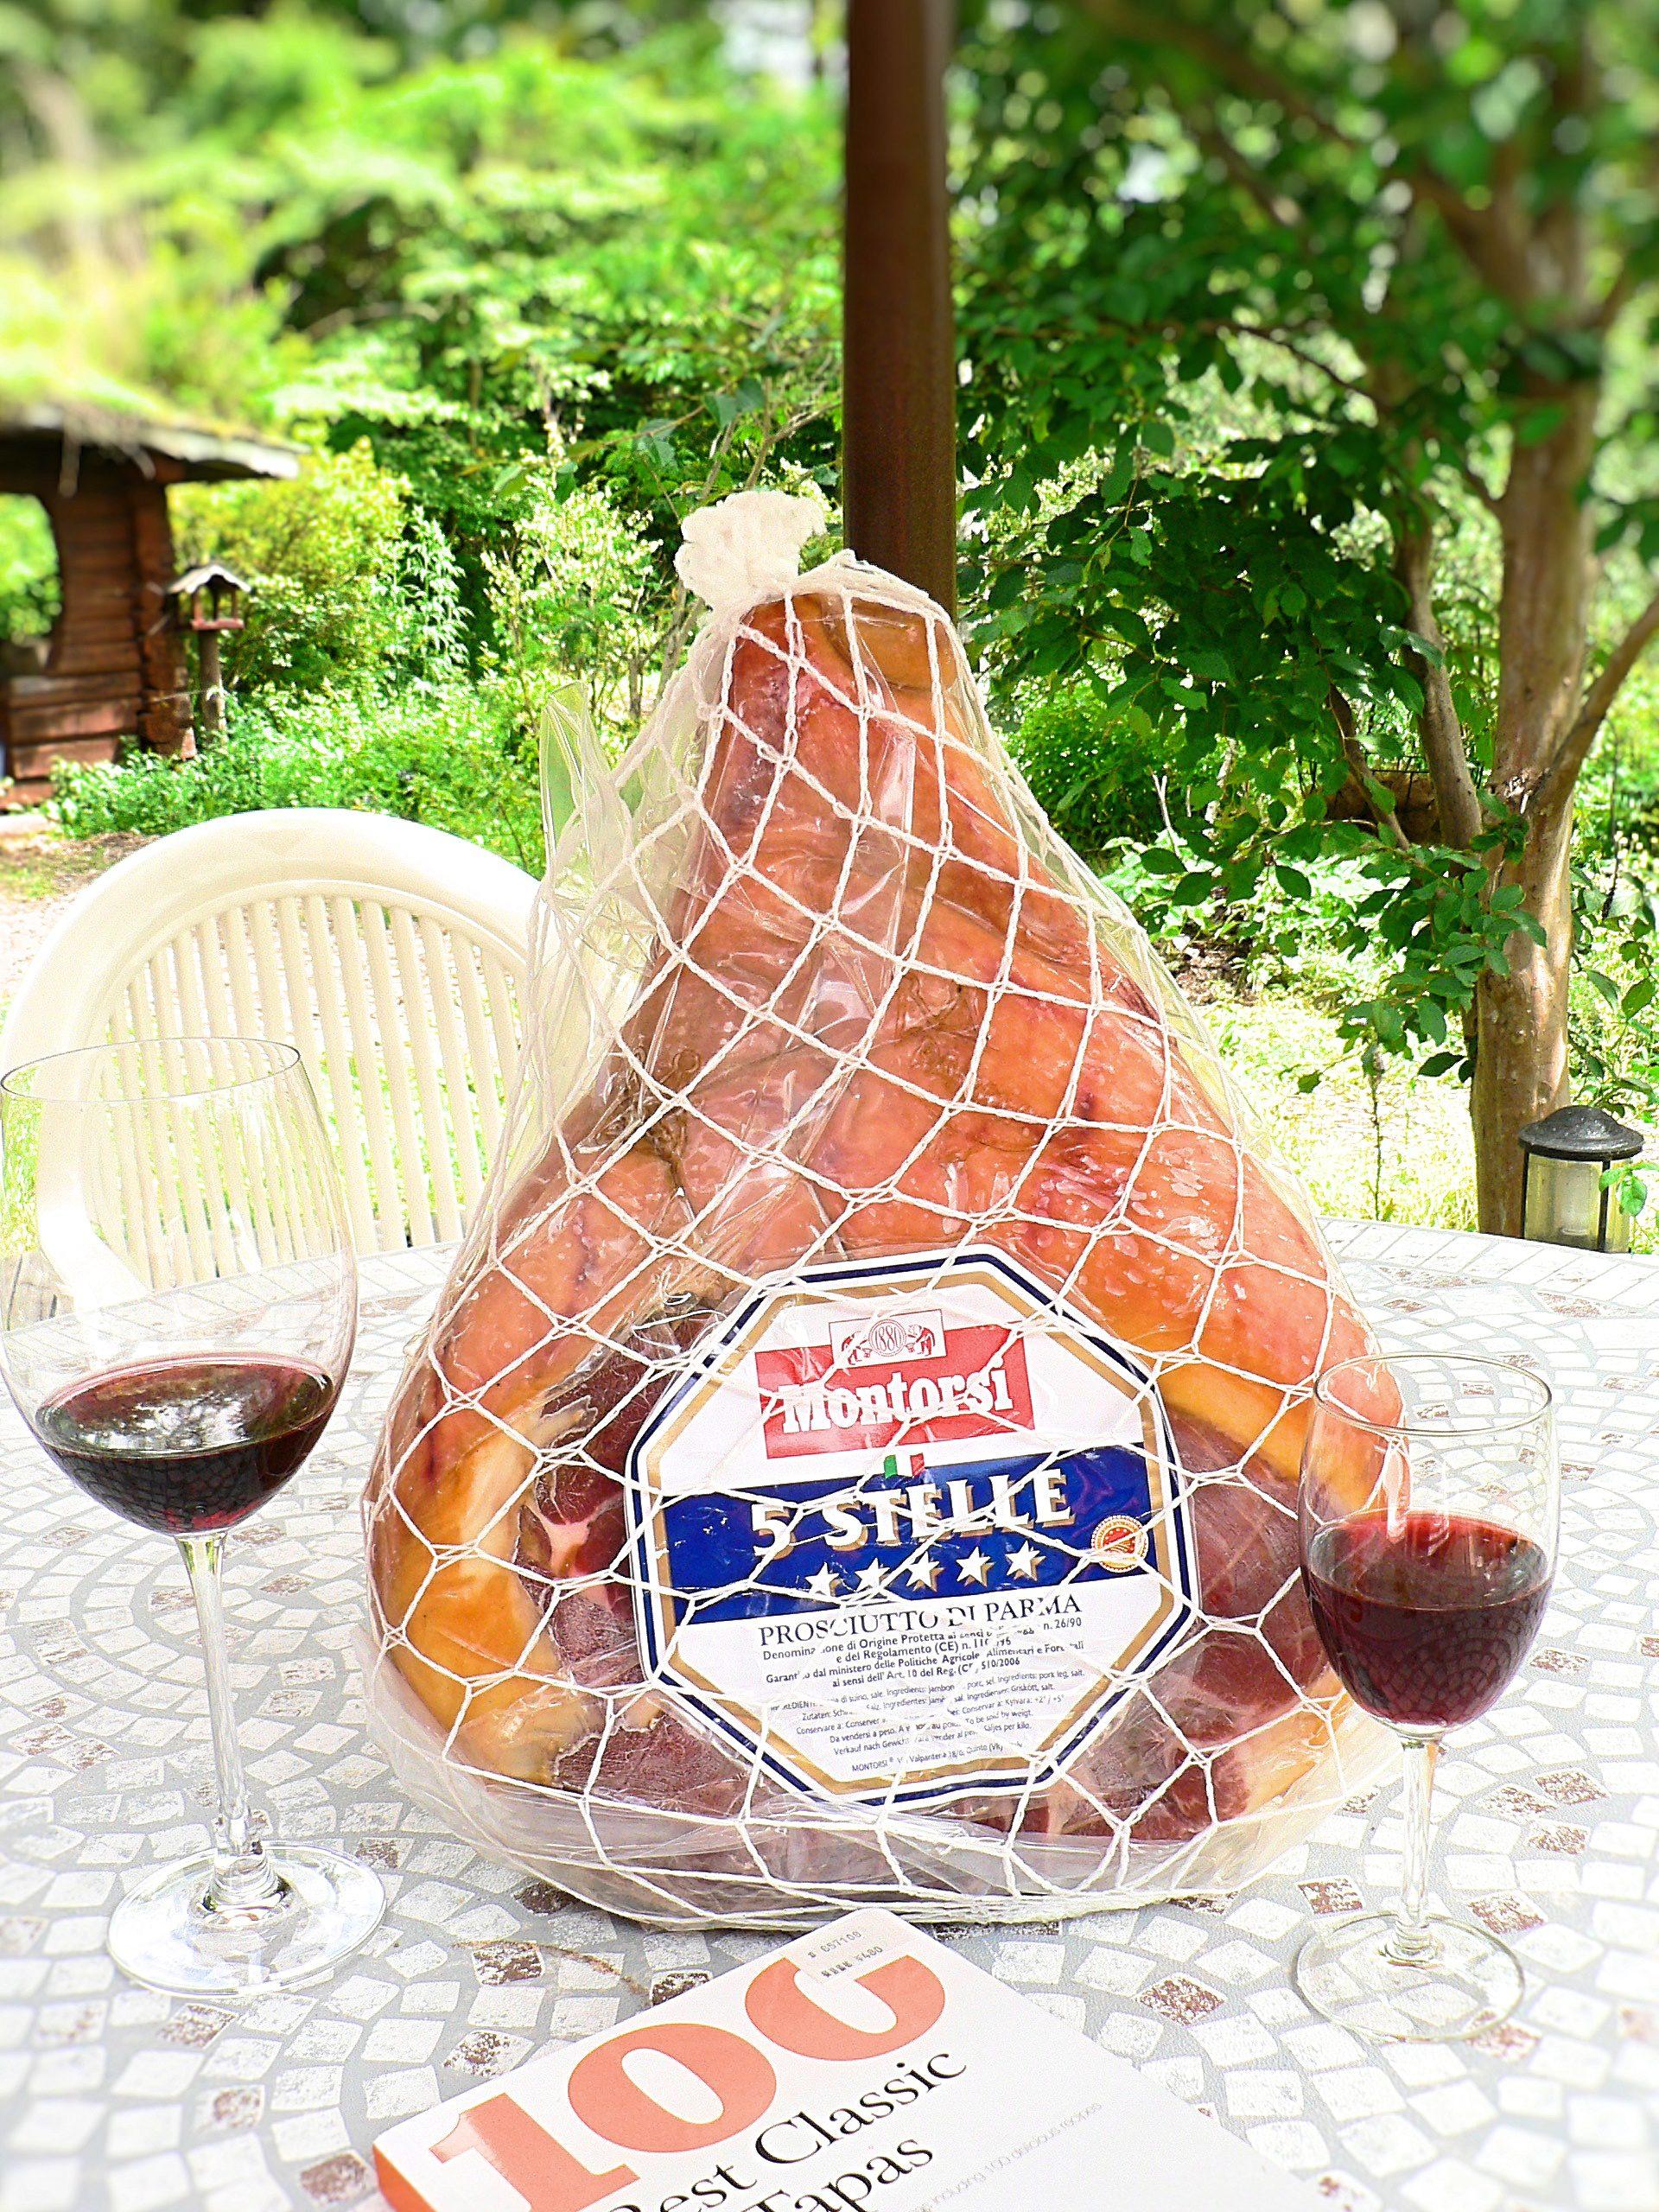 现切意大利帕尔马产的火腿。请配葡萄酒一起享用♪